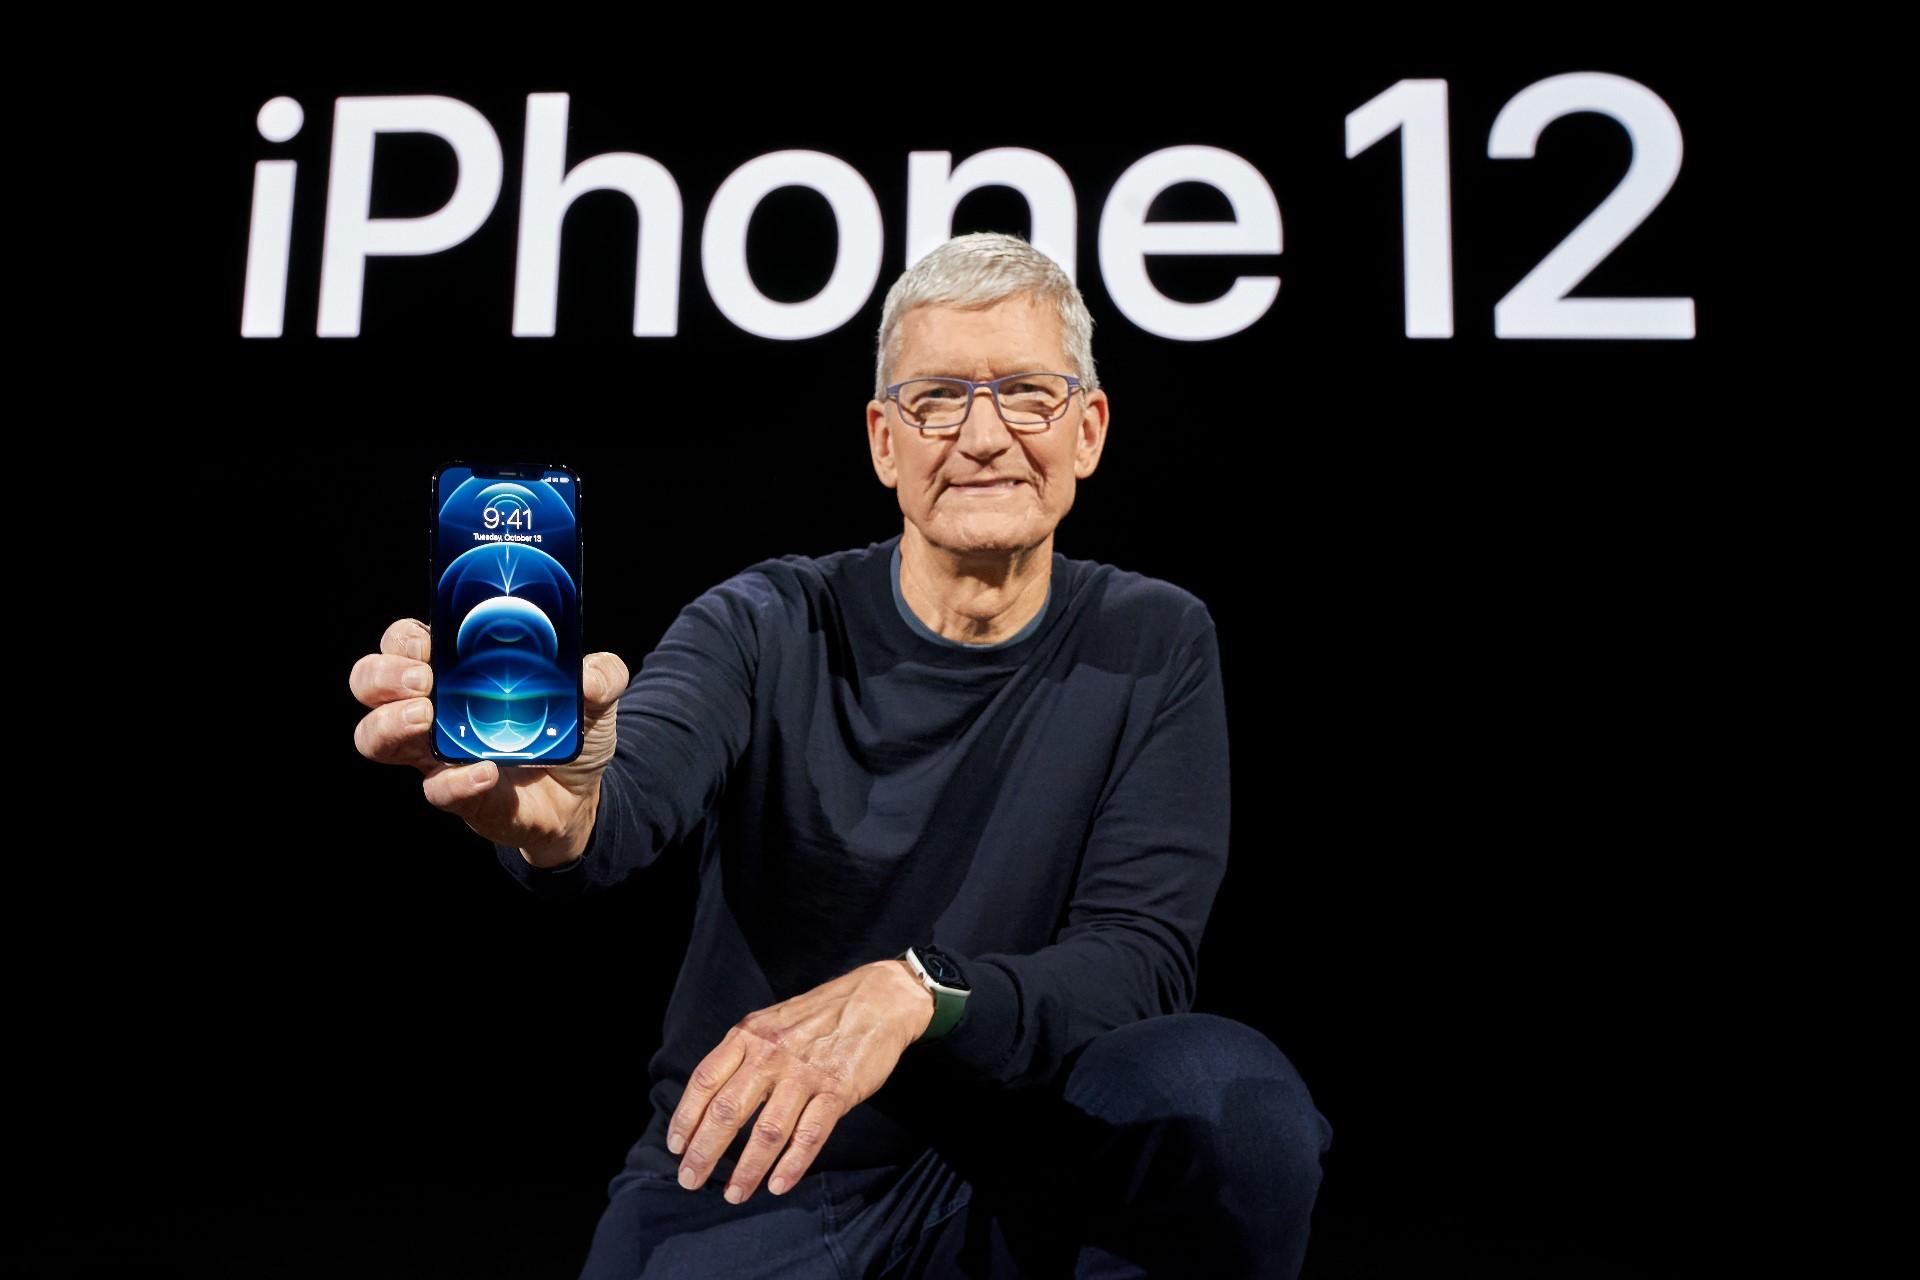 2020年10月14日凌晨,苹果公司正式公布了全新手机产品iPhone 12